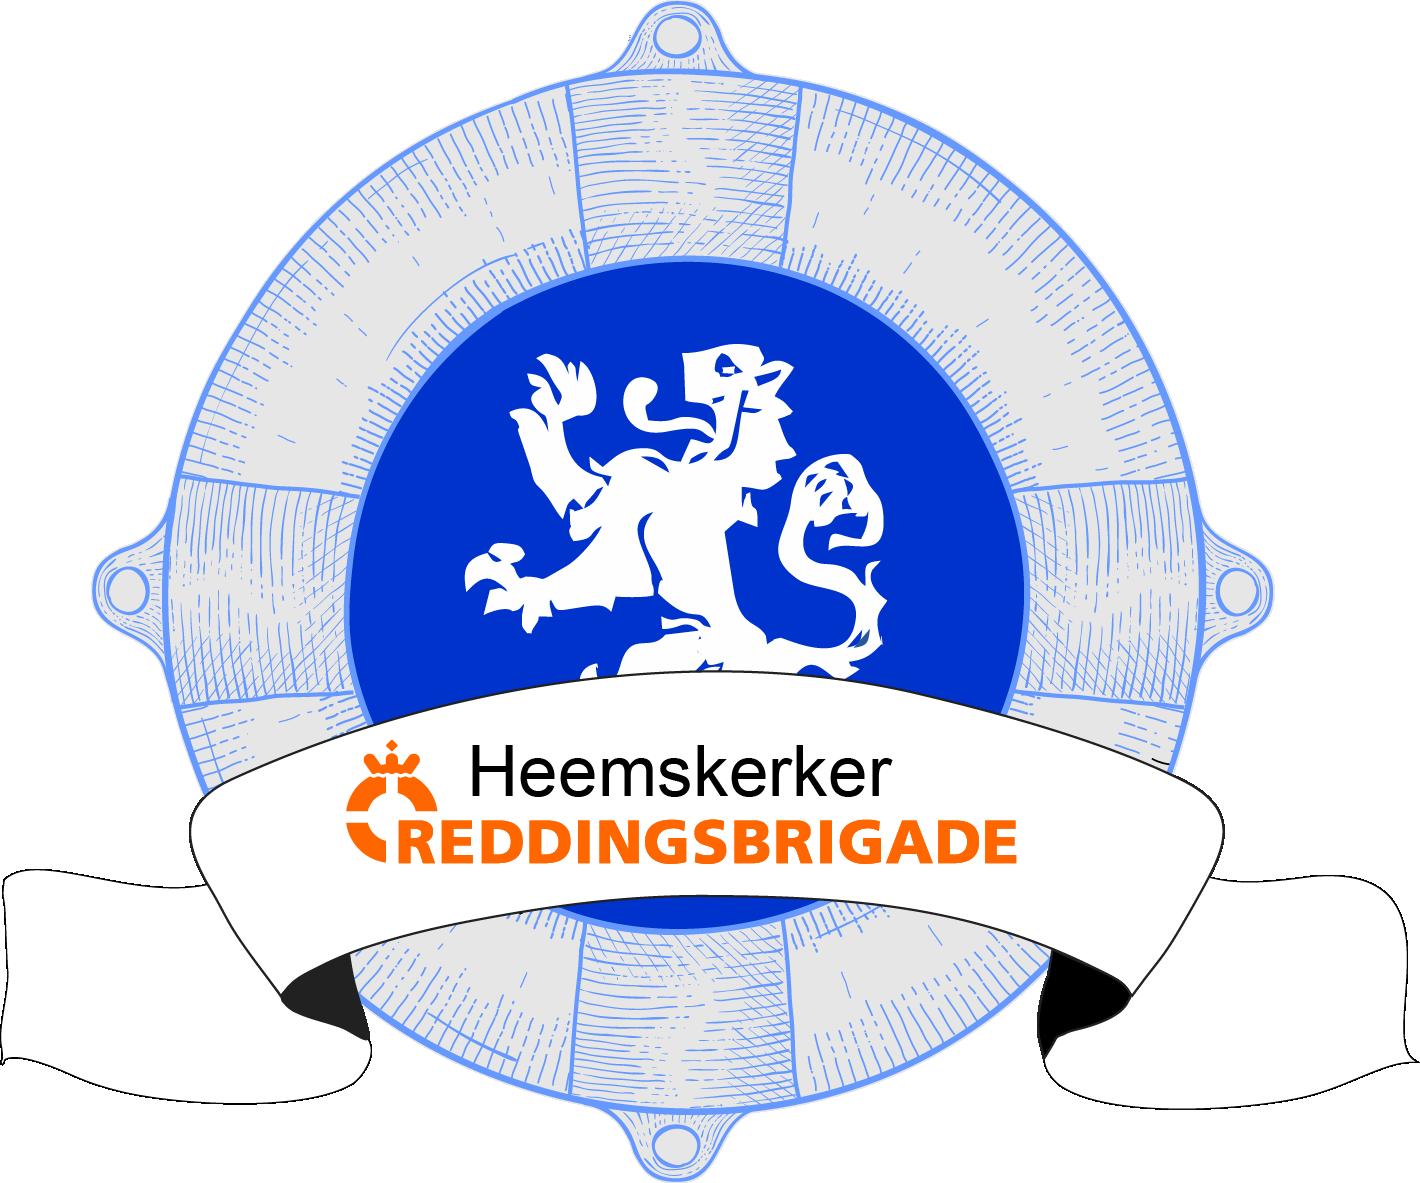 Reddingsbrigade Heemskerk